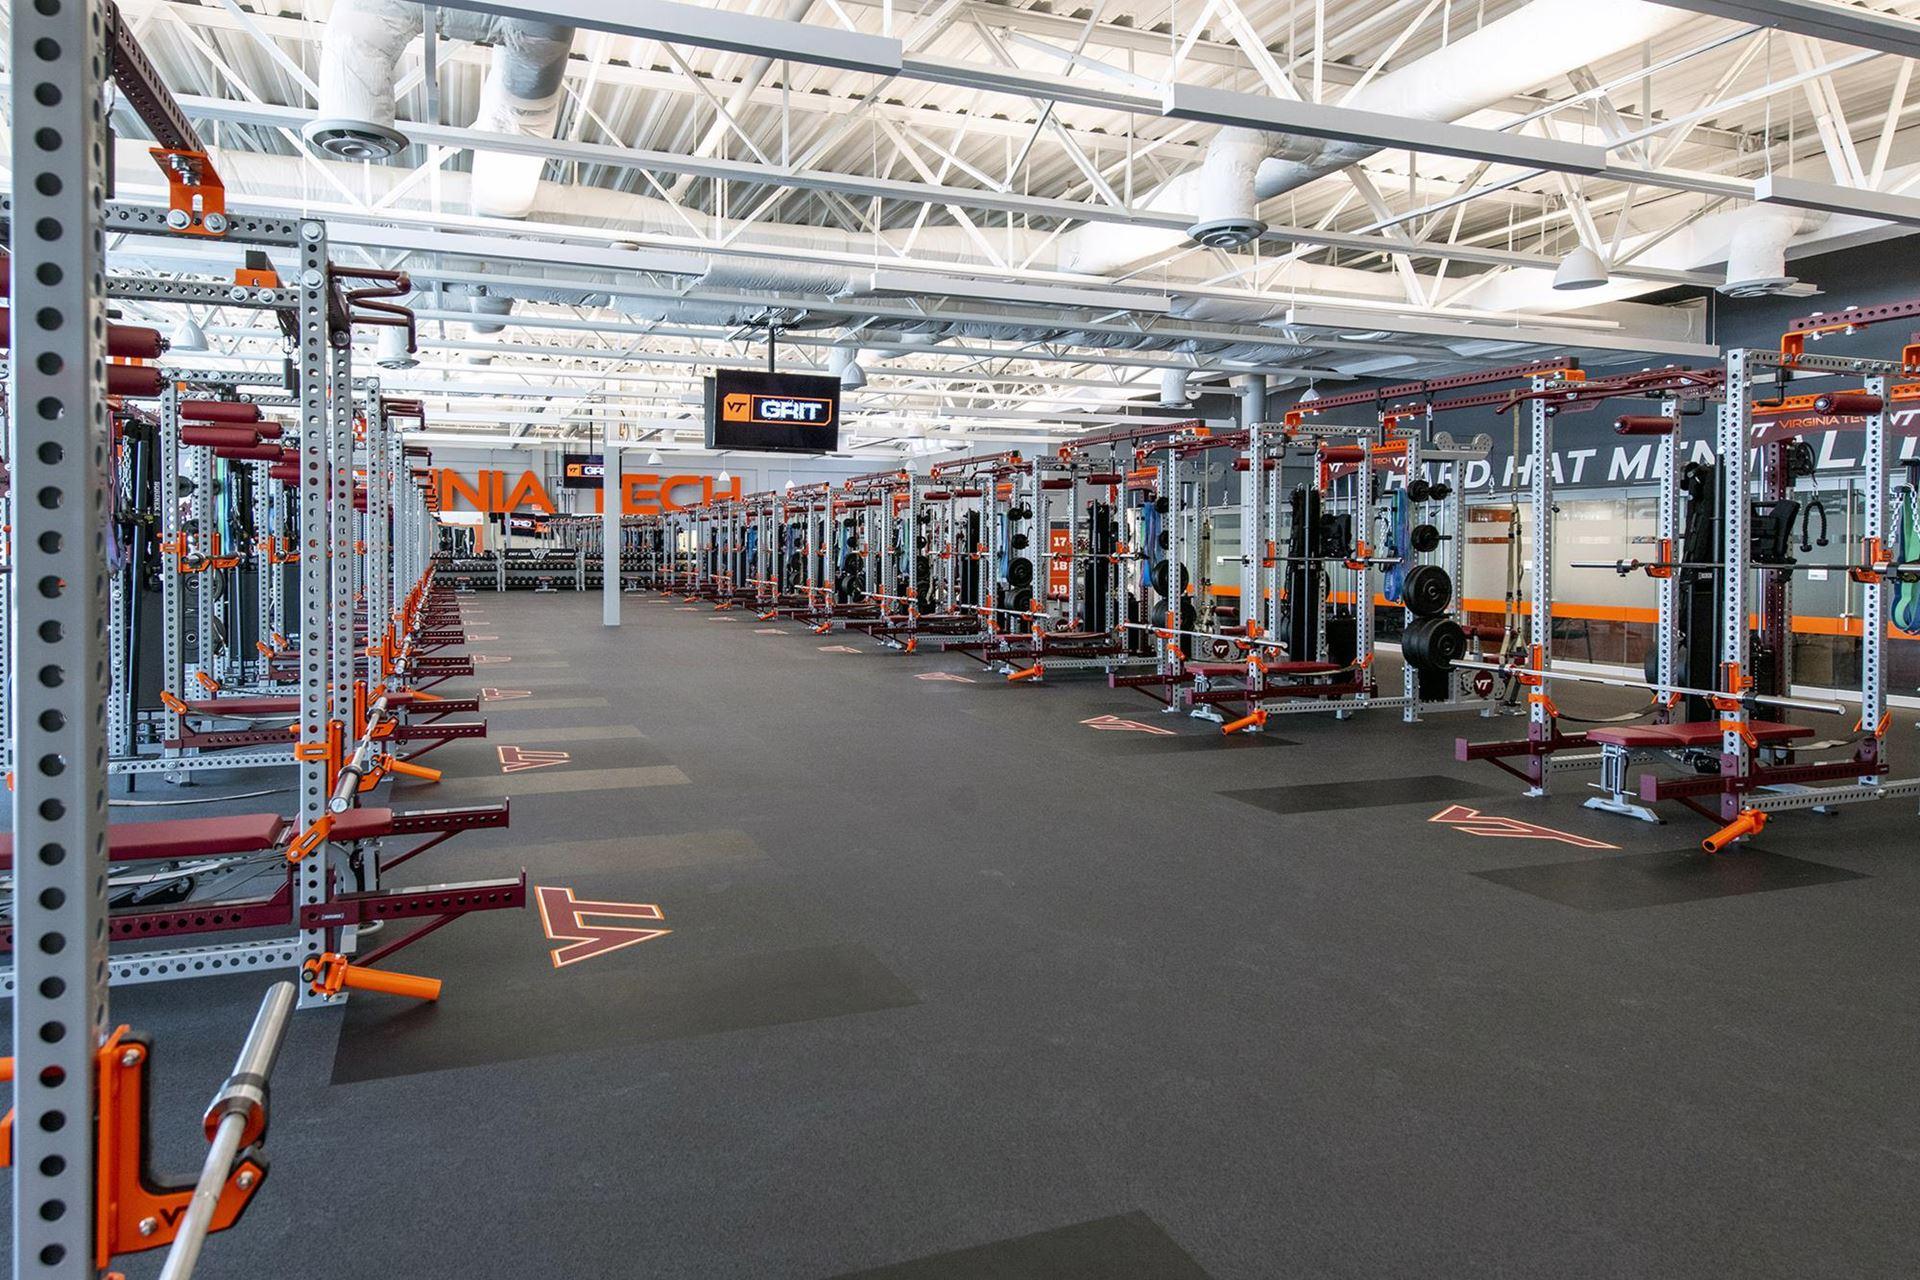 Virginia Tech Merryman Center weight room